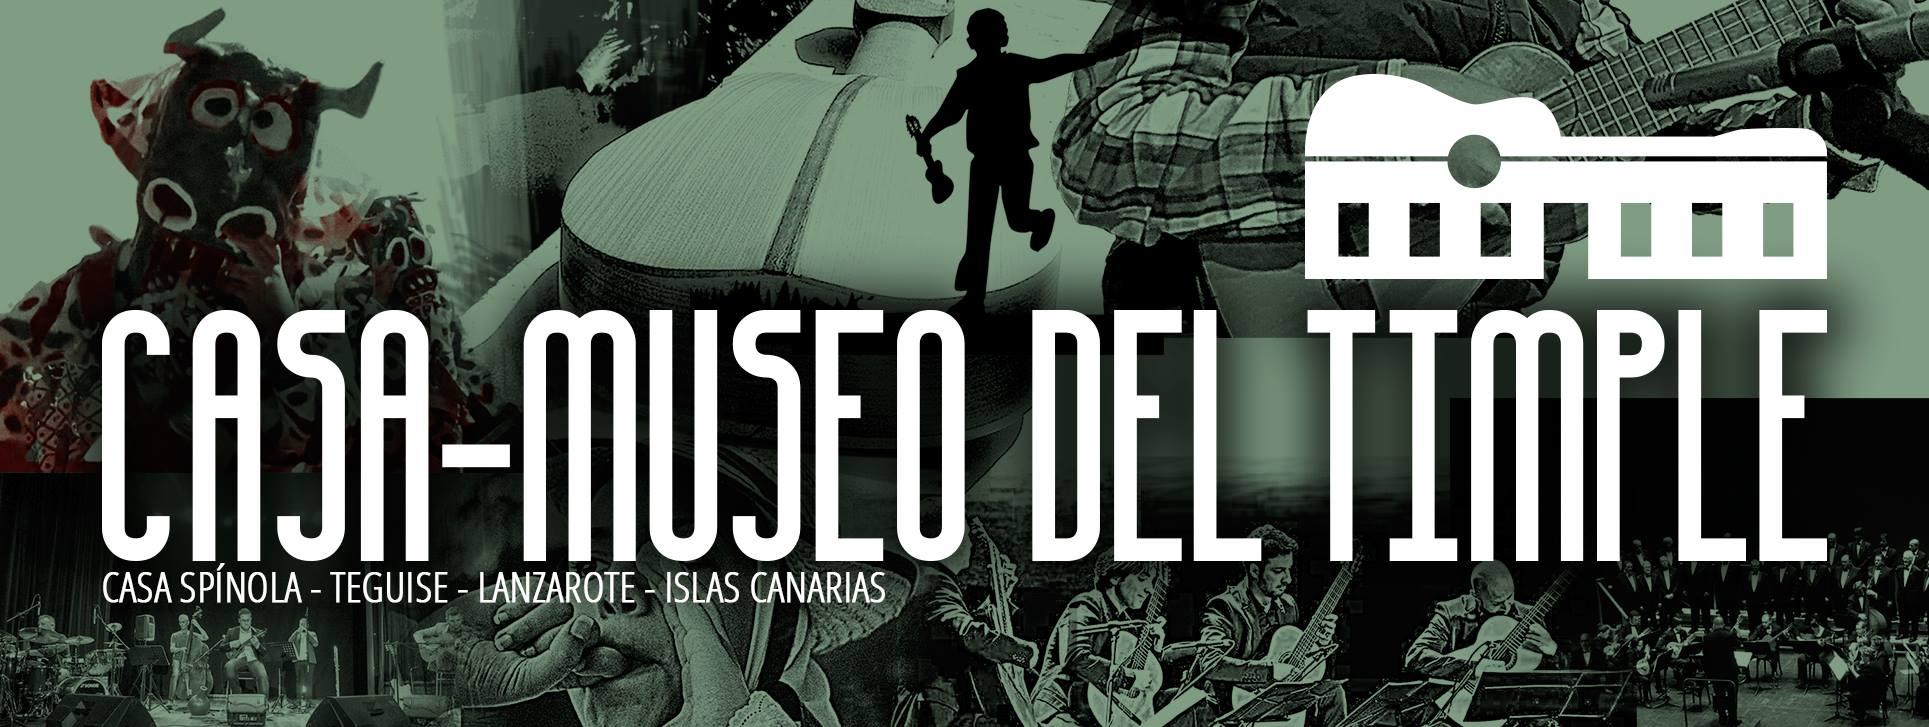 Teguise reabre las puertas de la Casa Museo del Timple y del Convento Santo Domingo